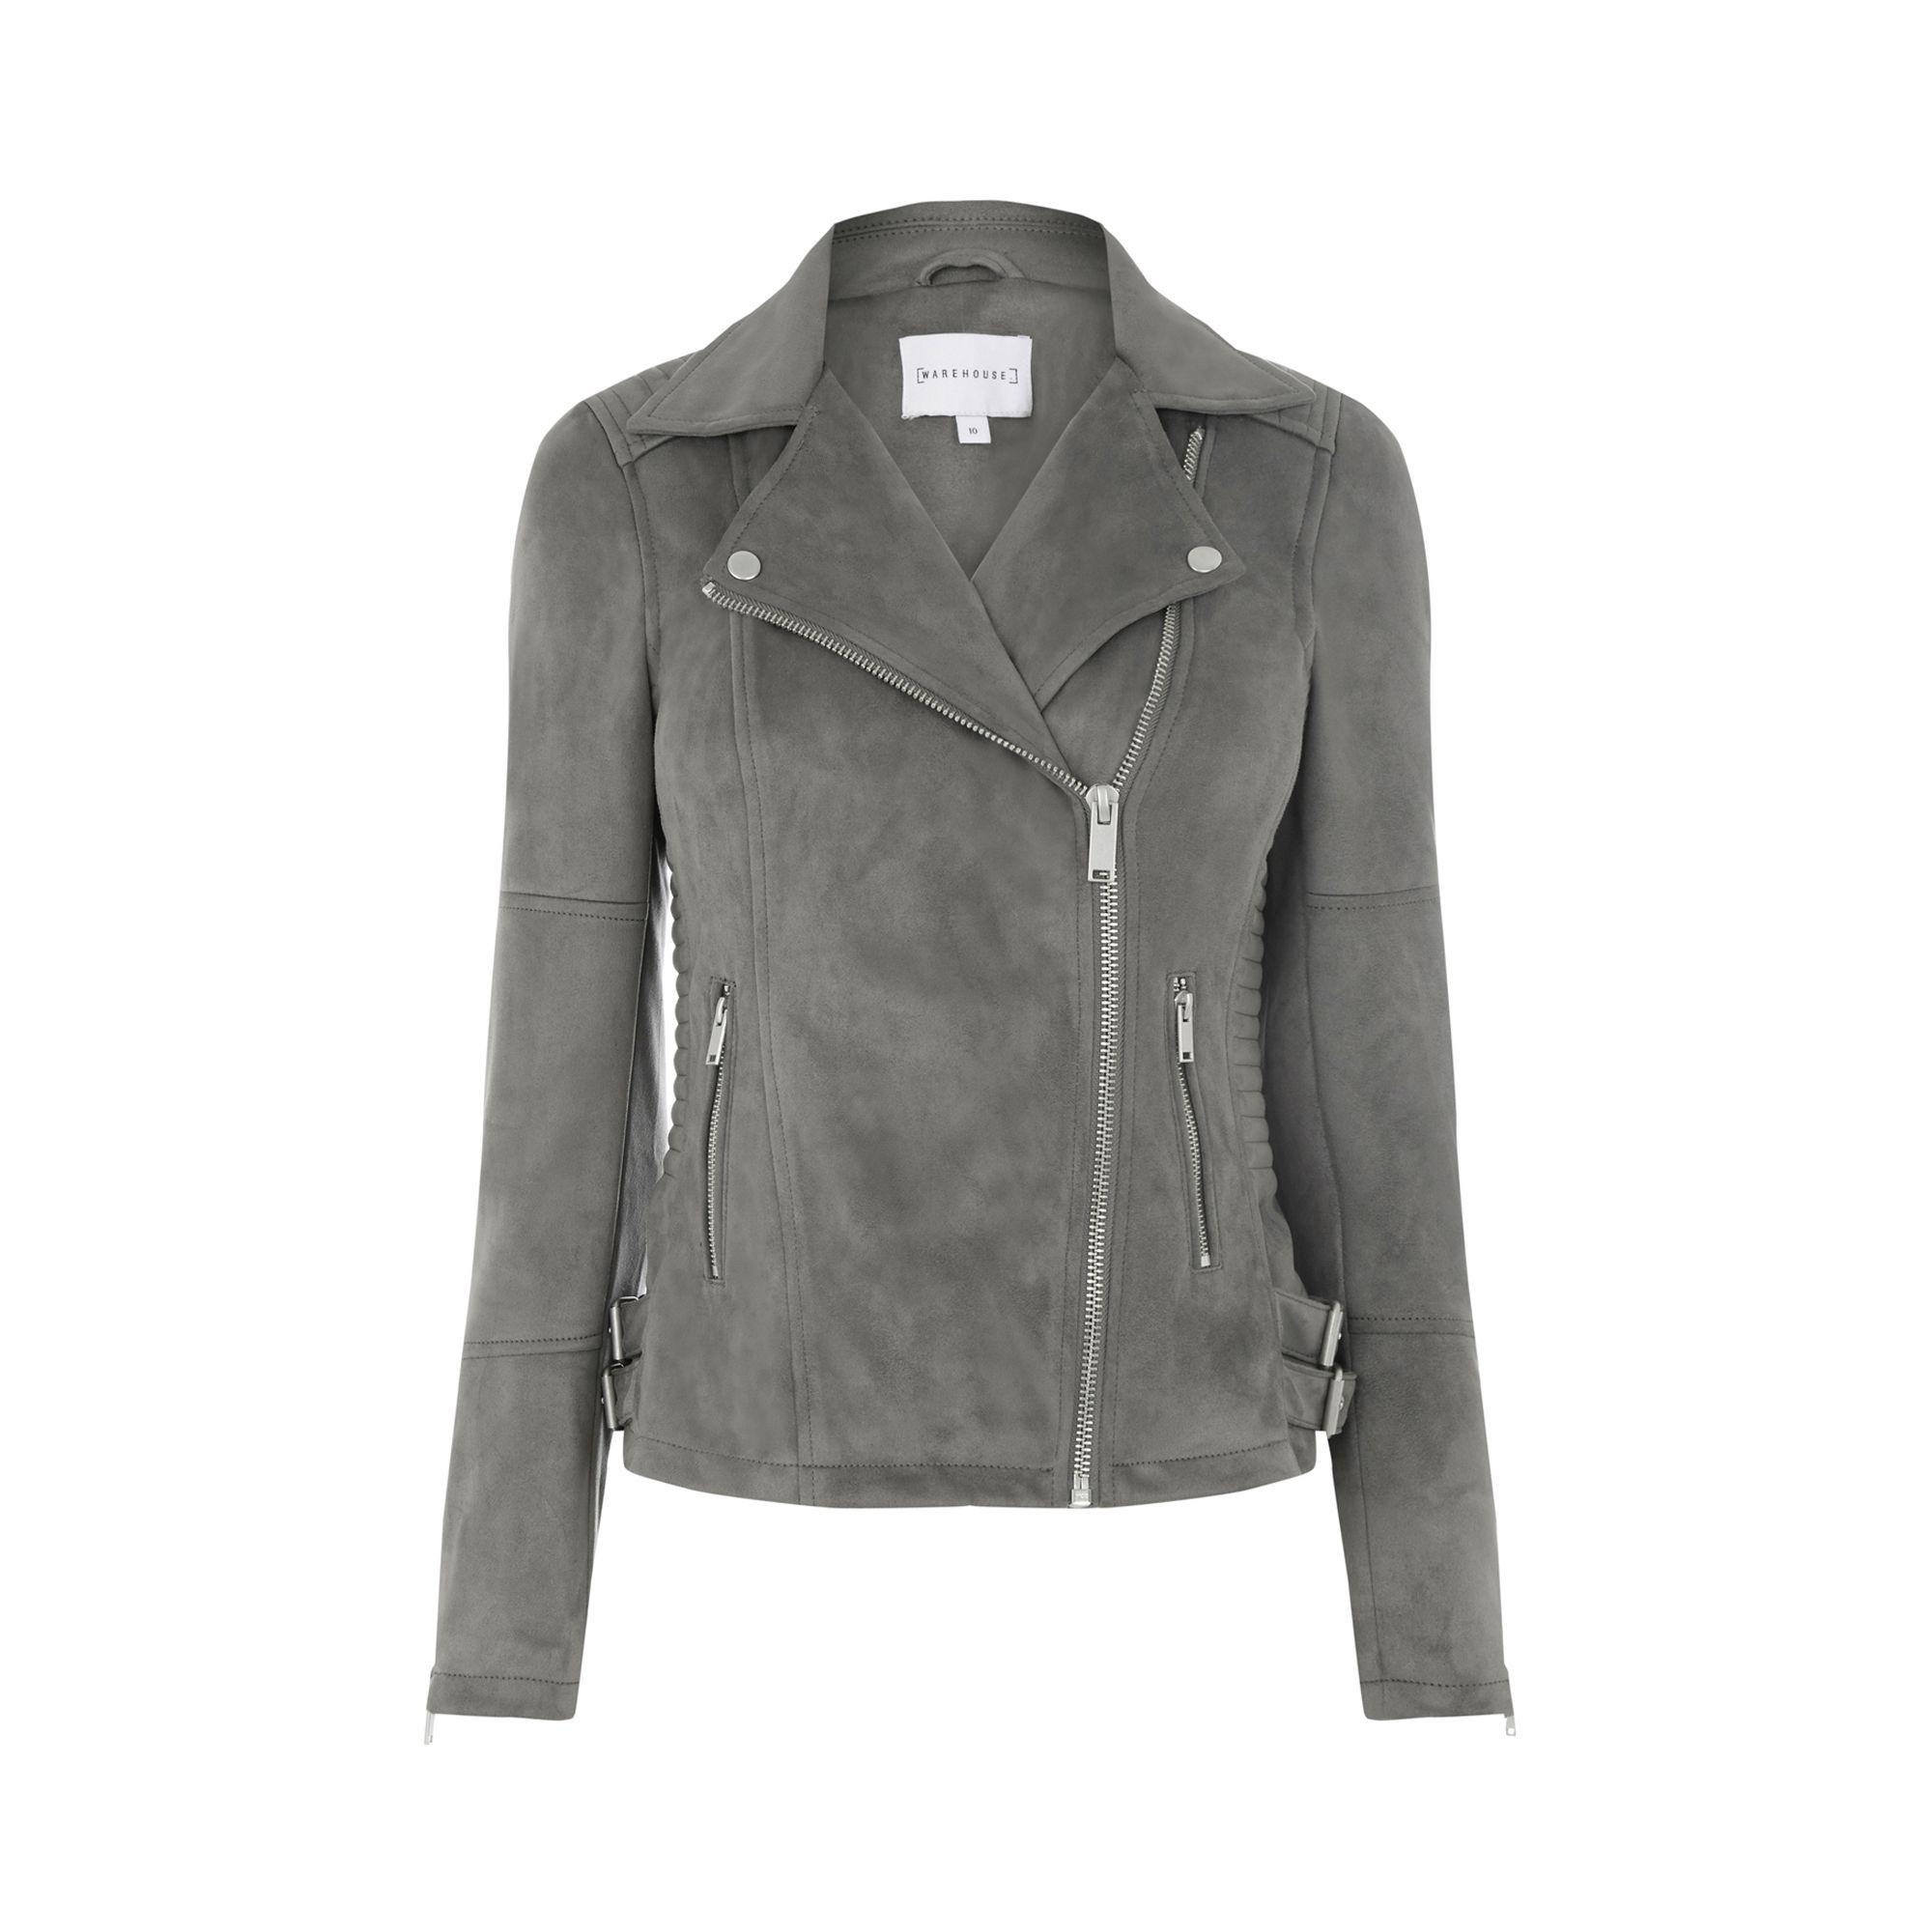 292c0cb25f3 Warehouse, Suedette Biker Jacket Dark Grey 0 | SPRING + SUMMER ...